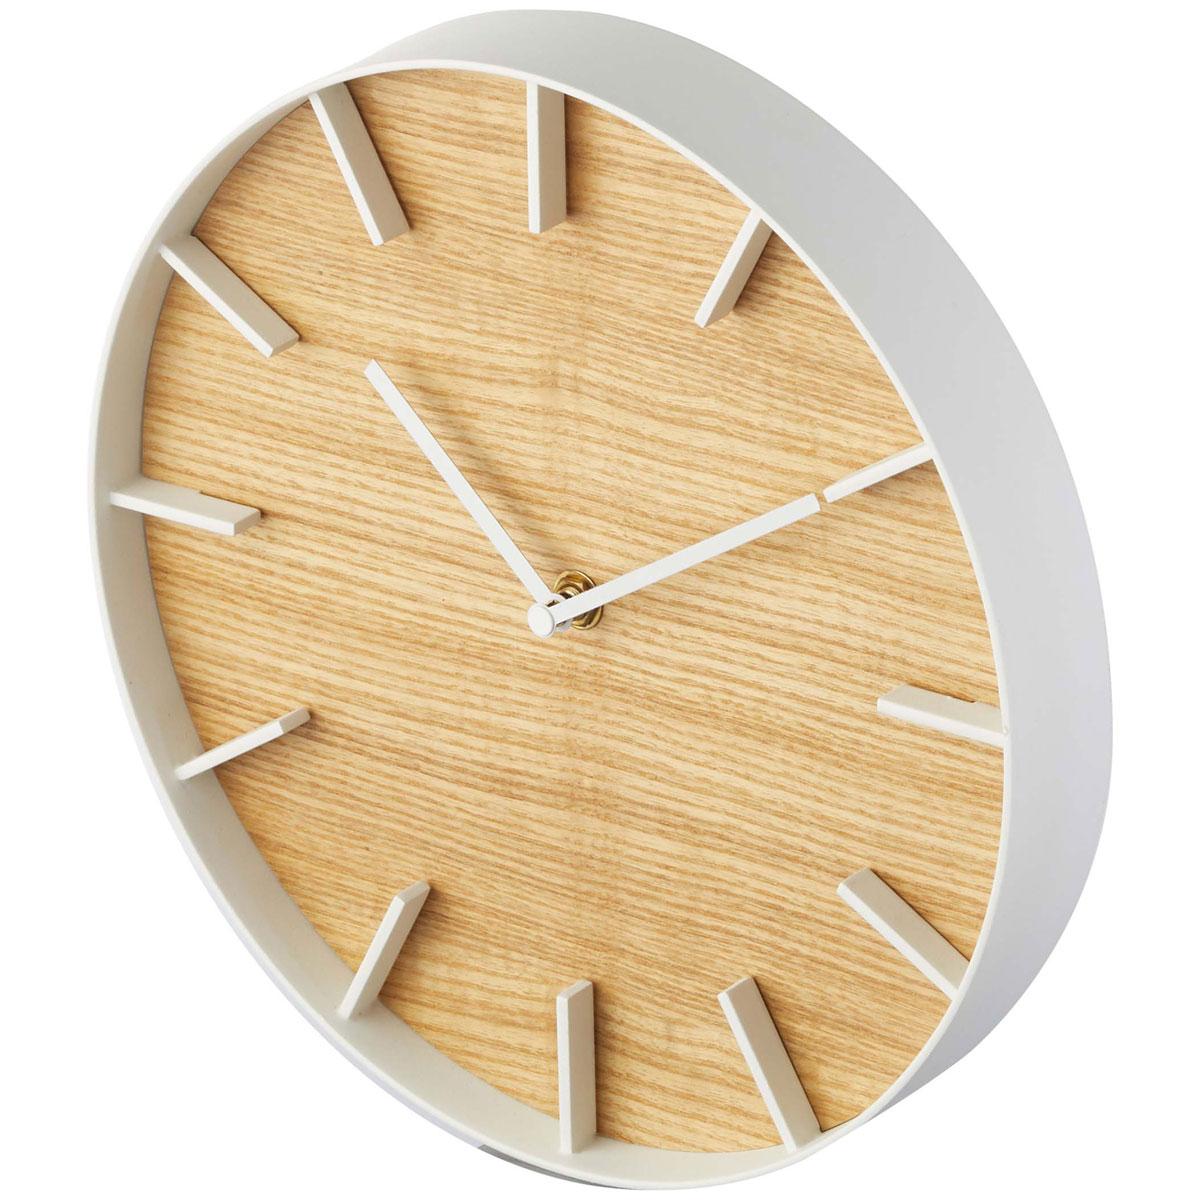 掛け時計 山崎実業 RIN ウォールクロック 壁掛け時計 時計 掛時計 YAMAZAKI リン ナチュラル